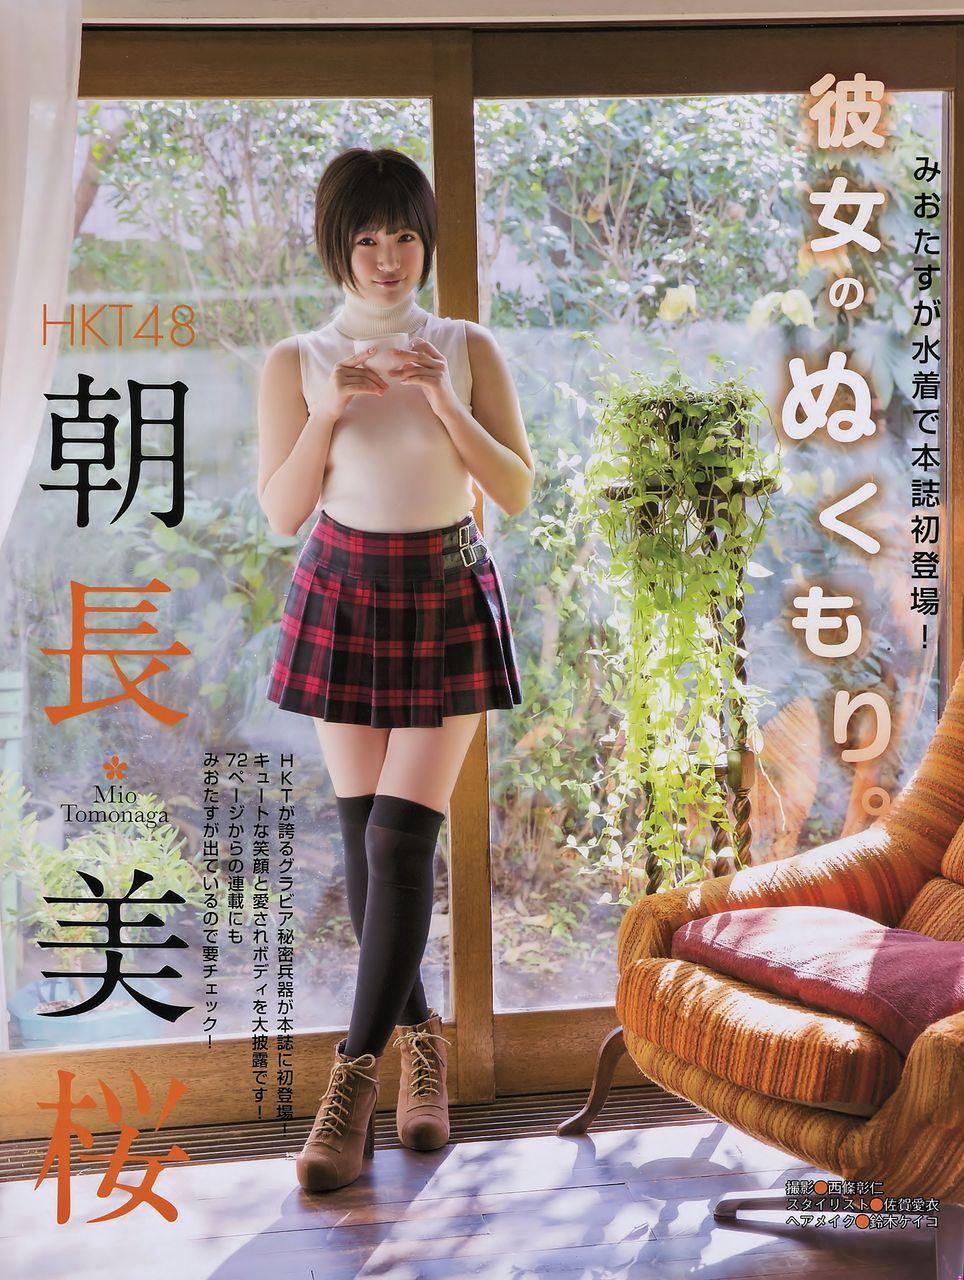 【画像】朝長美桜ちゃんのおっpいがアイドル界ナンバーワン●乳になっとるけんwwwwwwwwwww